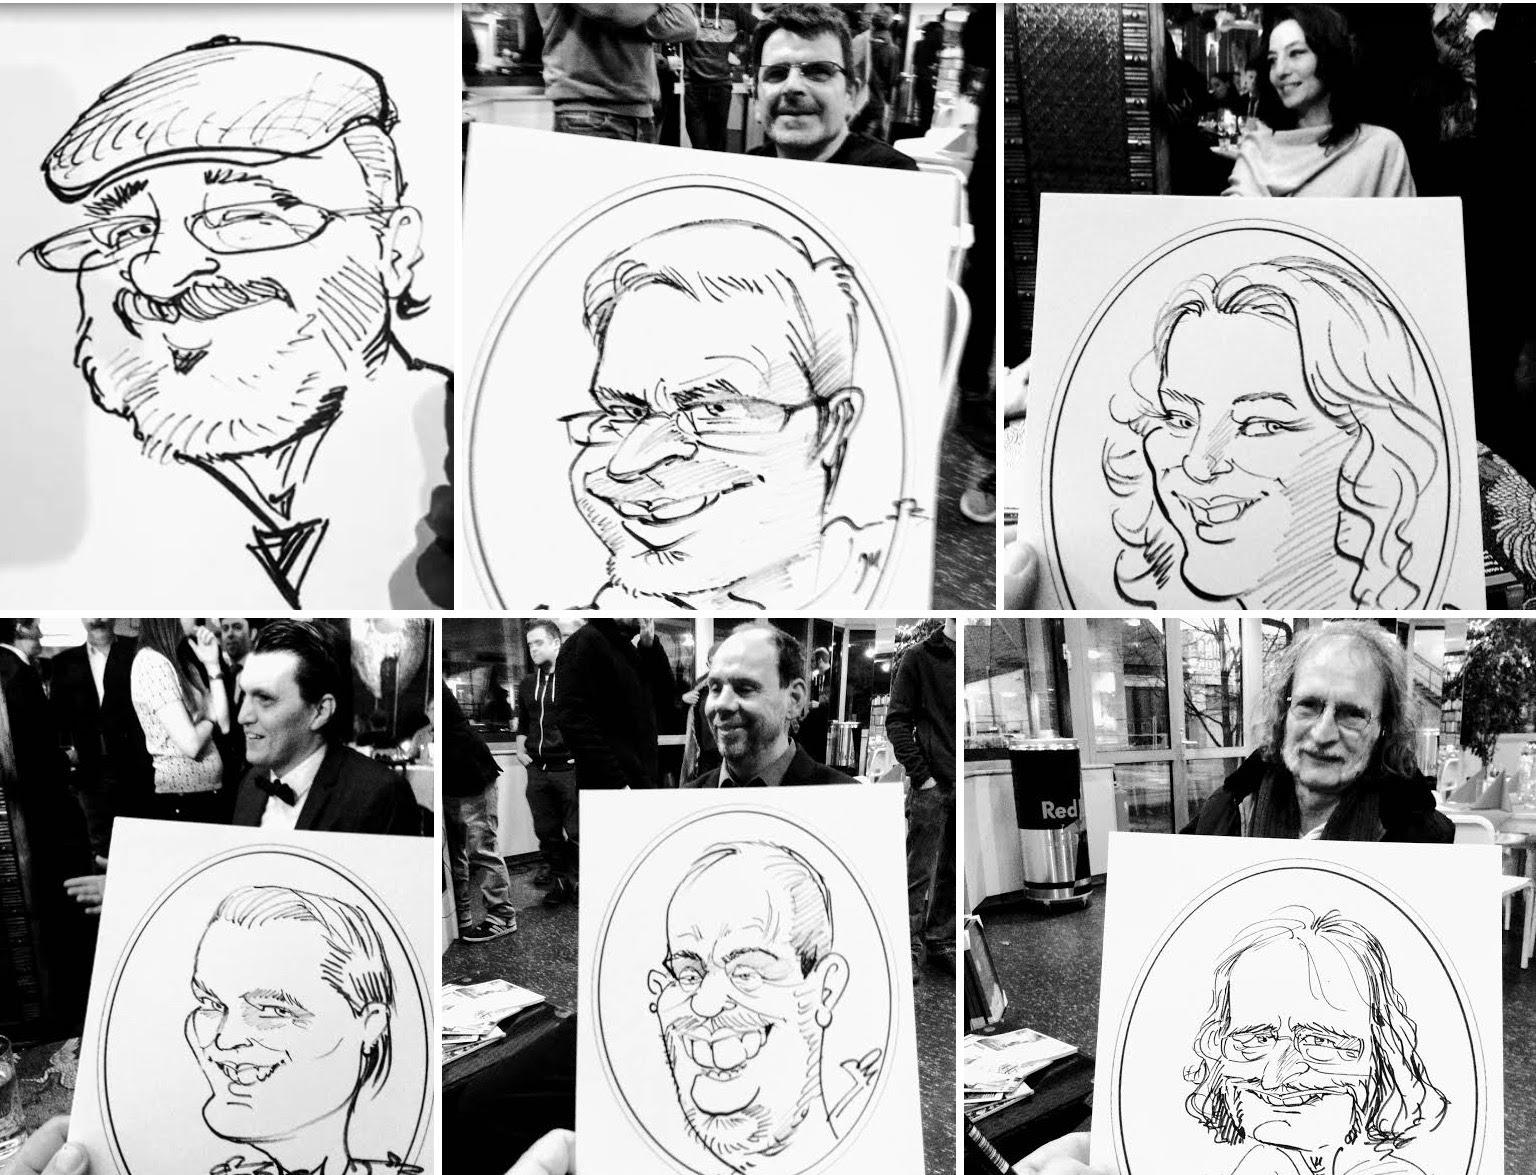 Karikaturist congress center kap europa Messe Event Firmenfest Weihnachtsfest Geburtstagsfest Karikaturen zeichner Karikatur Frankfurt Stuttgart Darmstadt München Berlin Dresden Leipzig Schnellzeichner